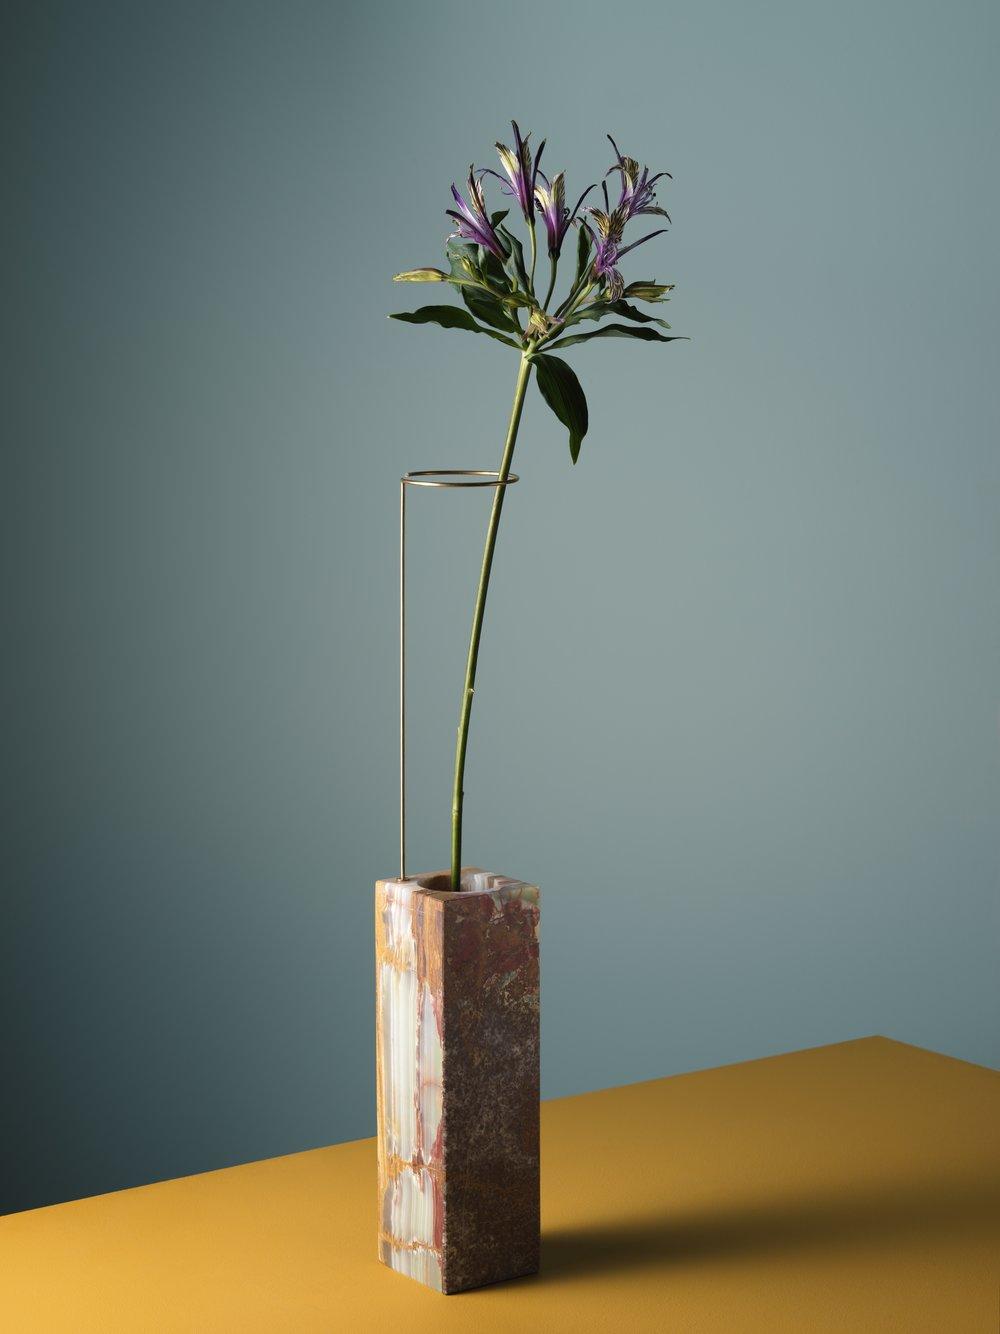 Carl Kleiner-BlocStudios-marble series-Prototypes-image-02.jpeg